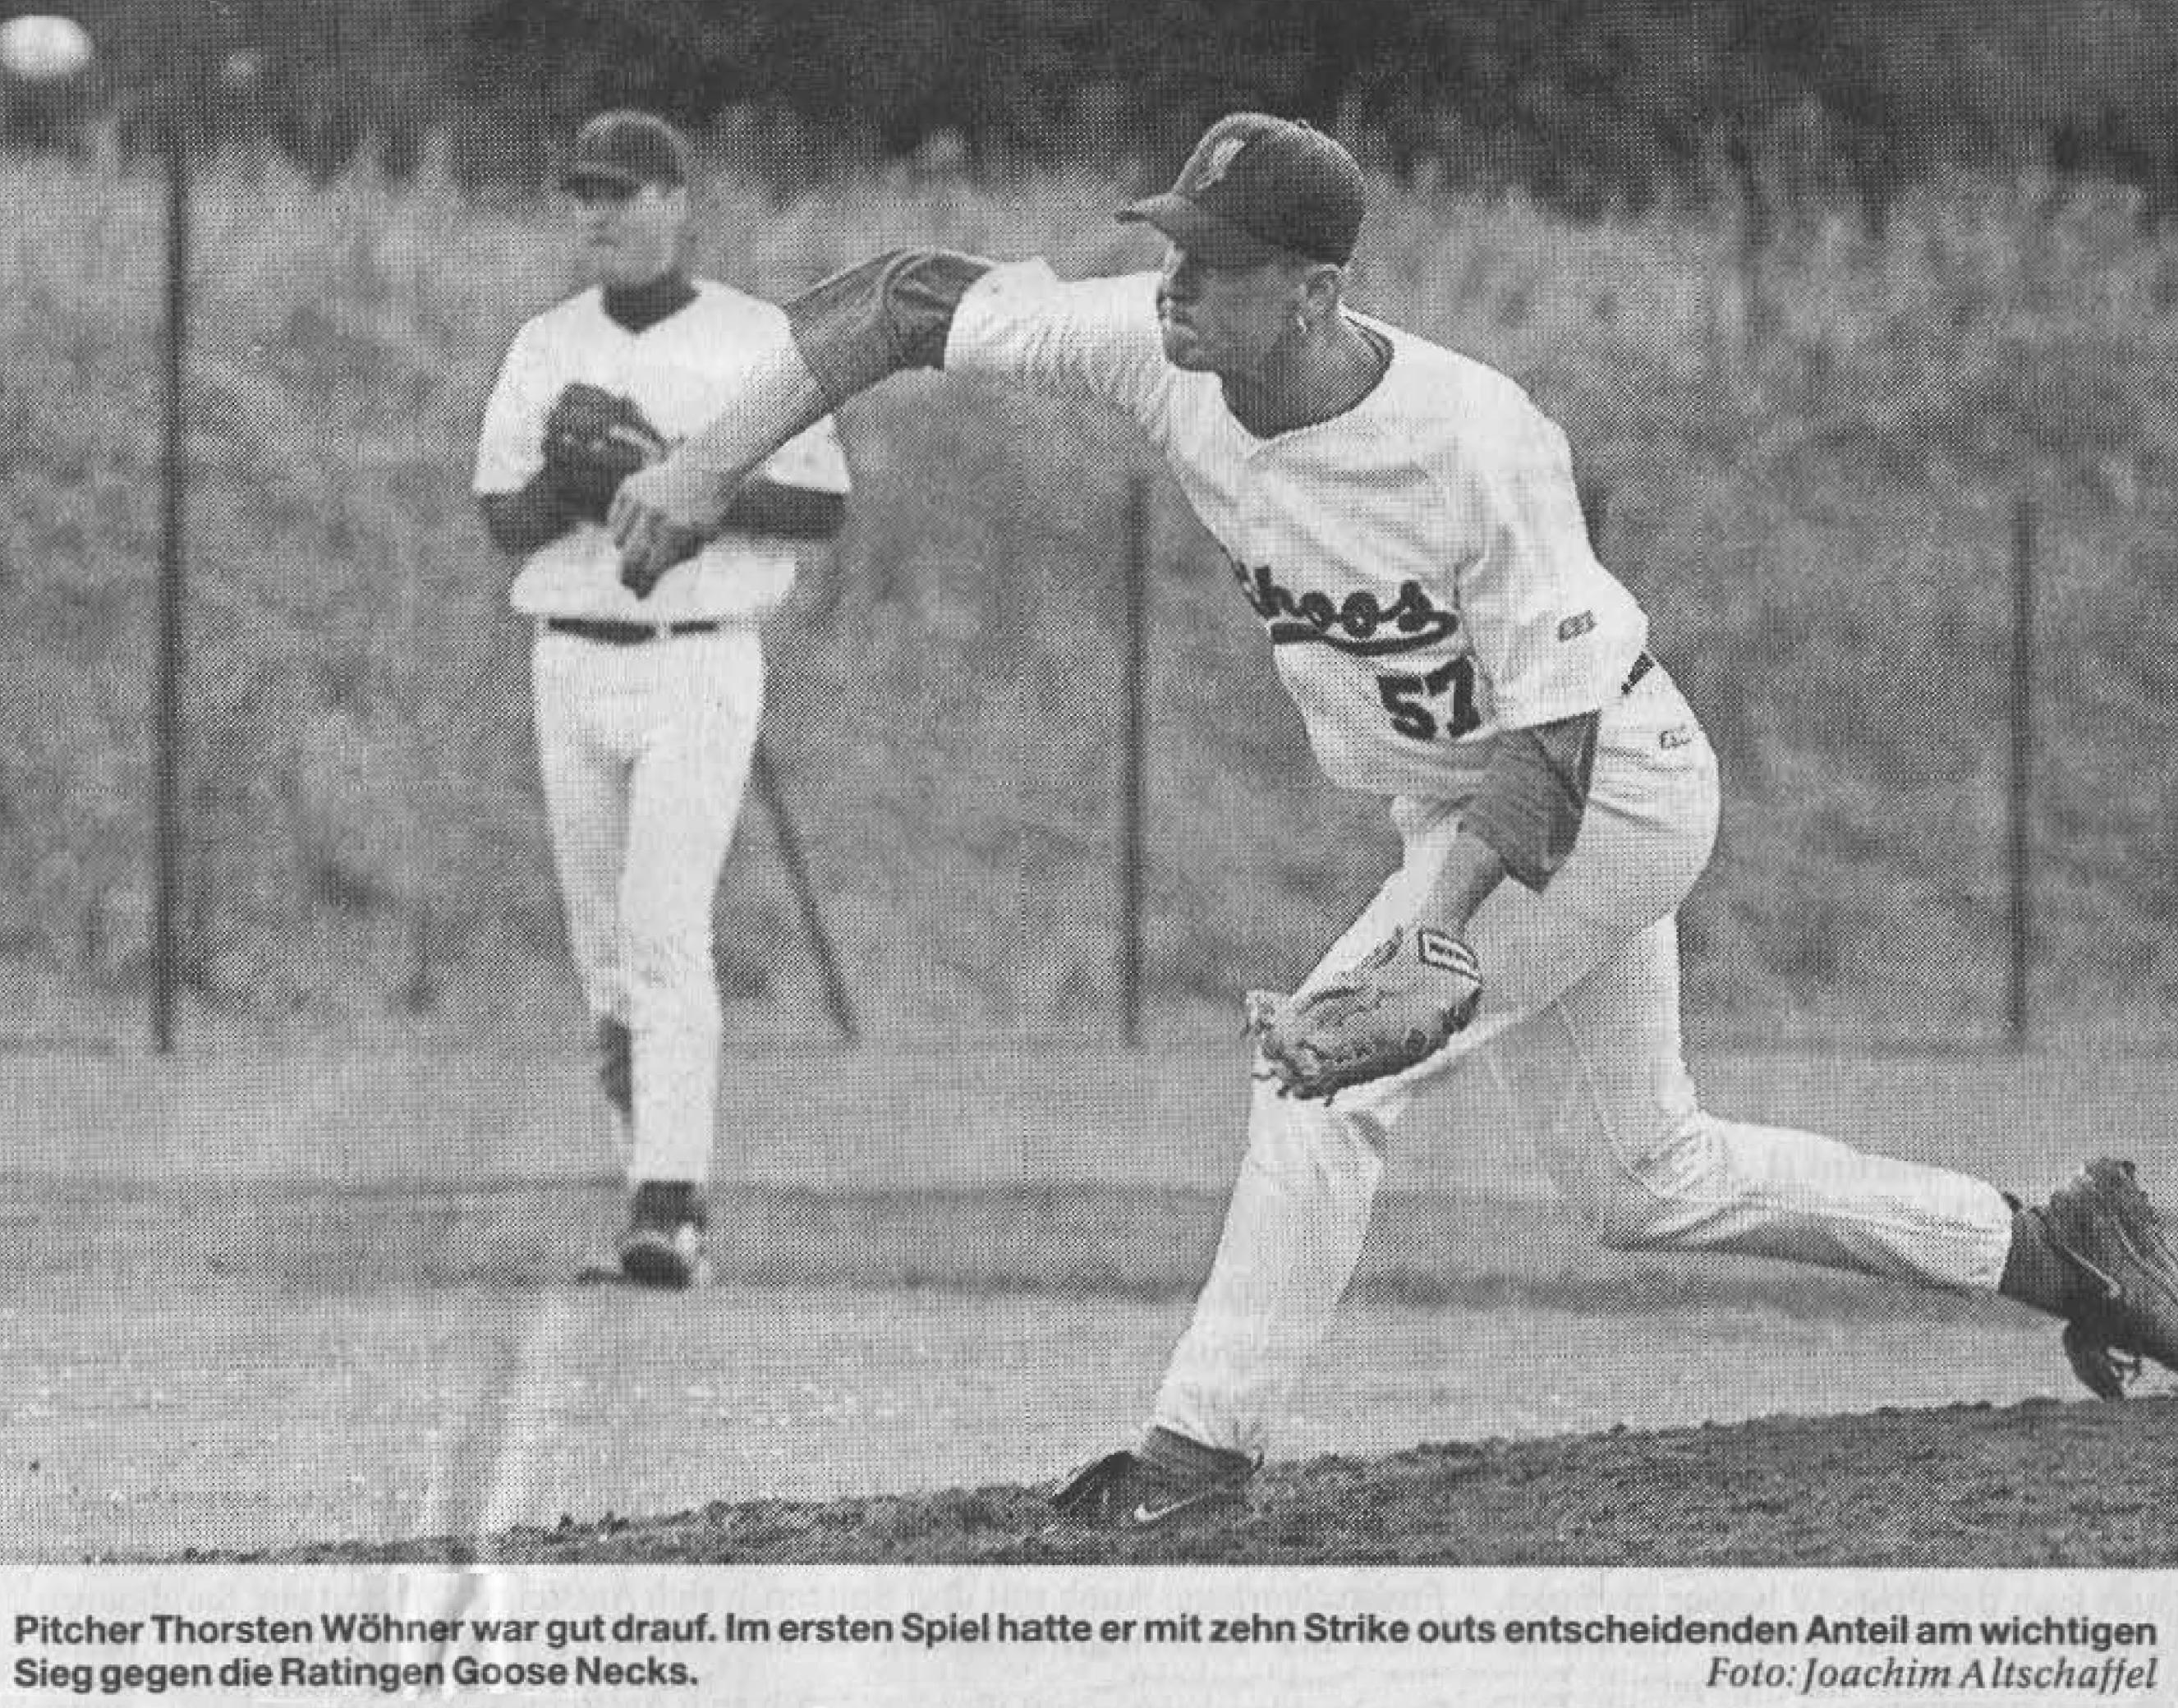 Pitcher Thorsten Wöhner war gut drauf. Im ersten Spiel hatte er mit zehn Strike outs entscheidenden Anteil am wichtigen Sieg gegen die Ratingen Goose Necks. Foto: Joachim Altschaffel